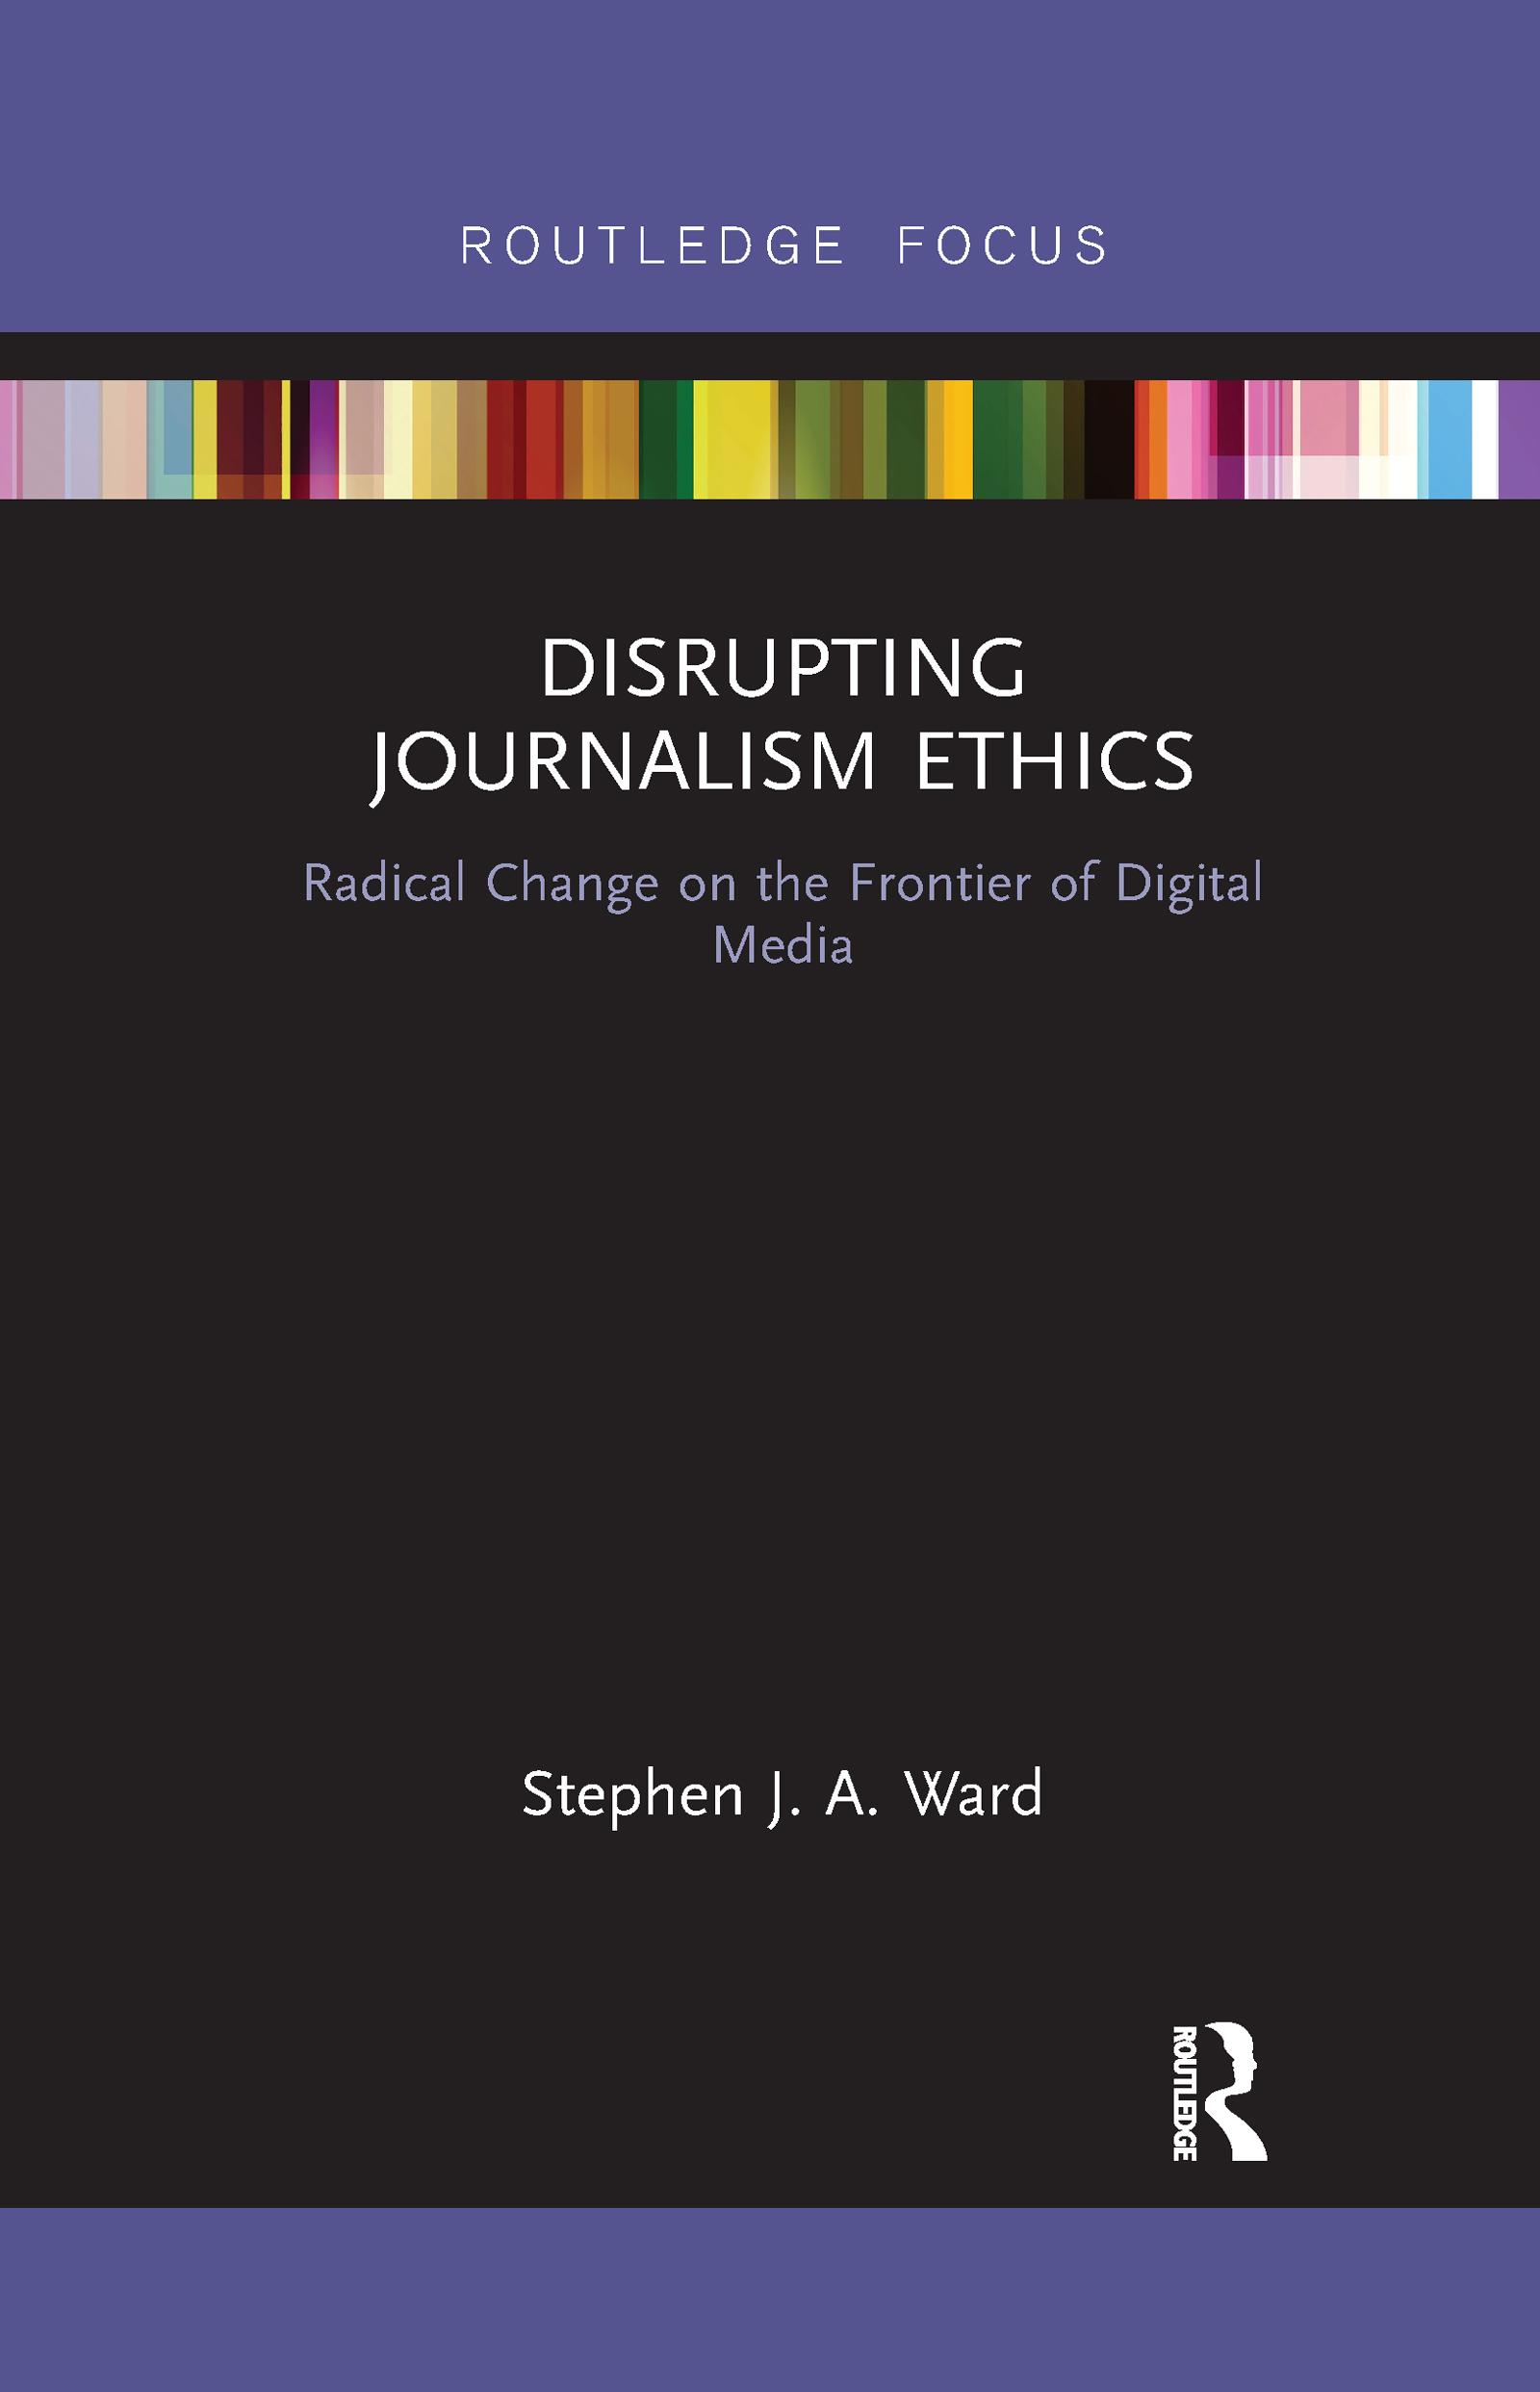 Disrupting Journalism Ethics